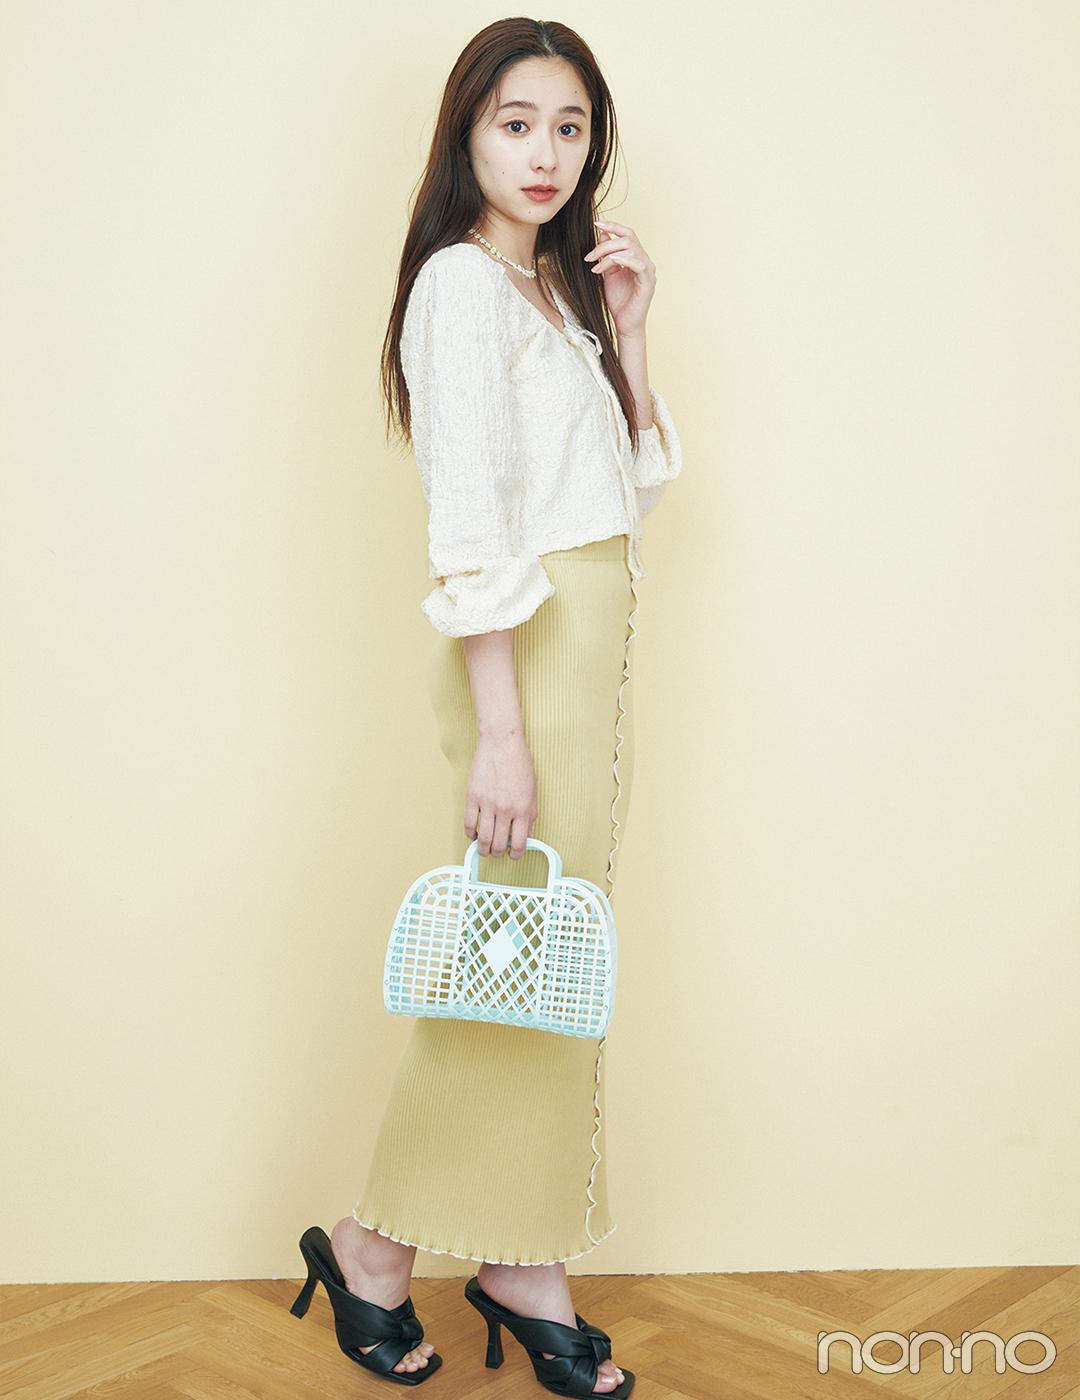 韓国ドラマの女の子みたいにクリーミーなワントーンコーデ【大学生の毎日コーデ】